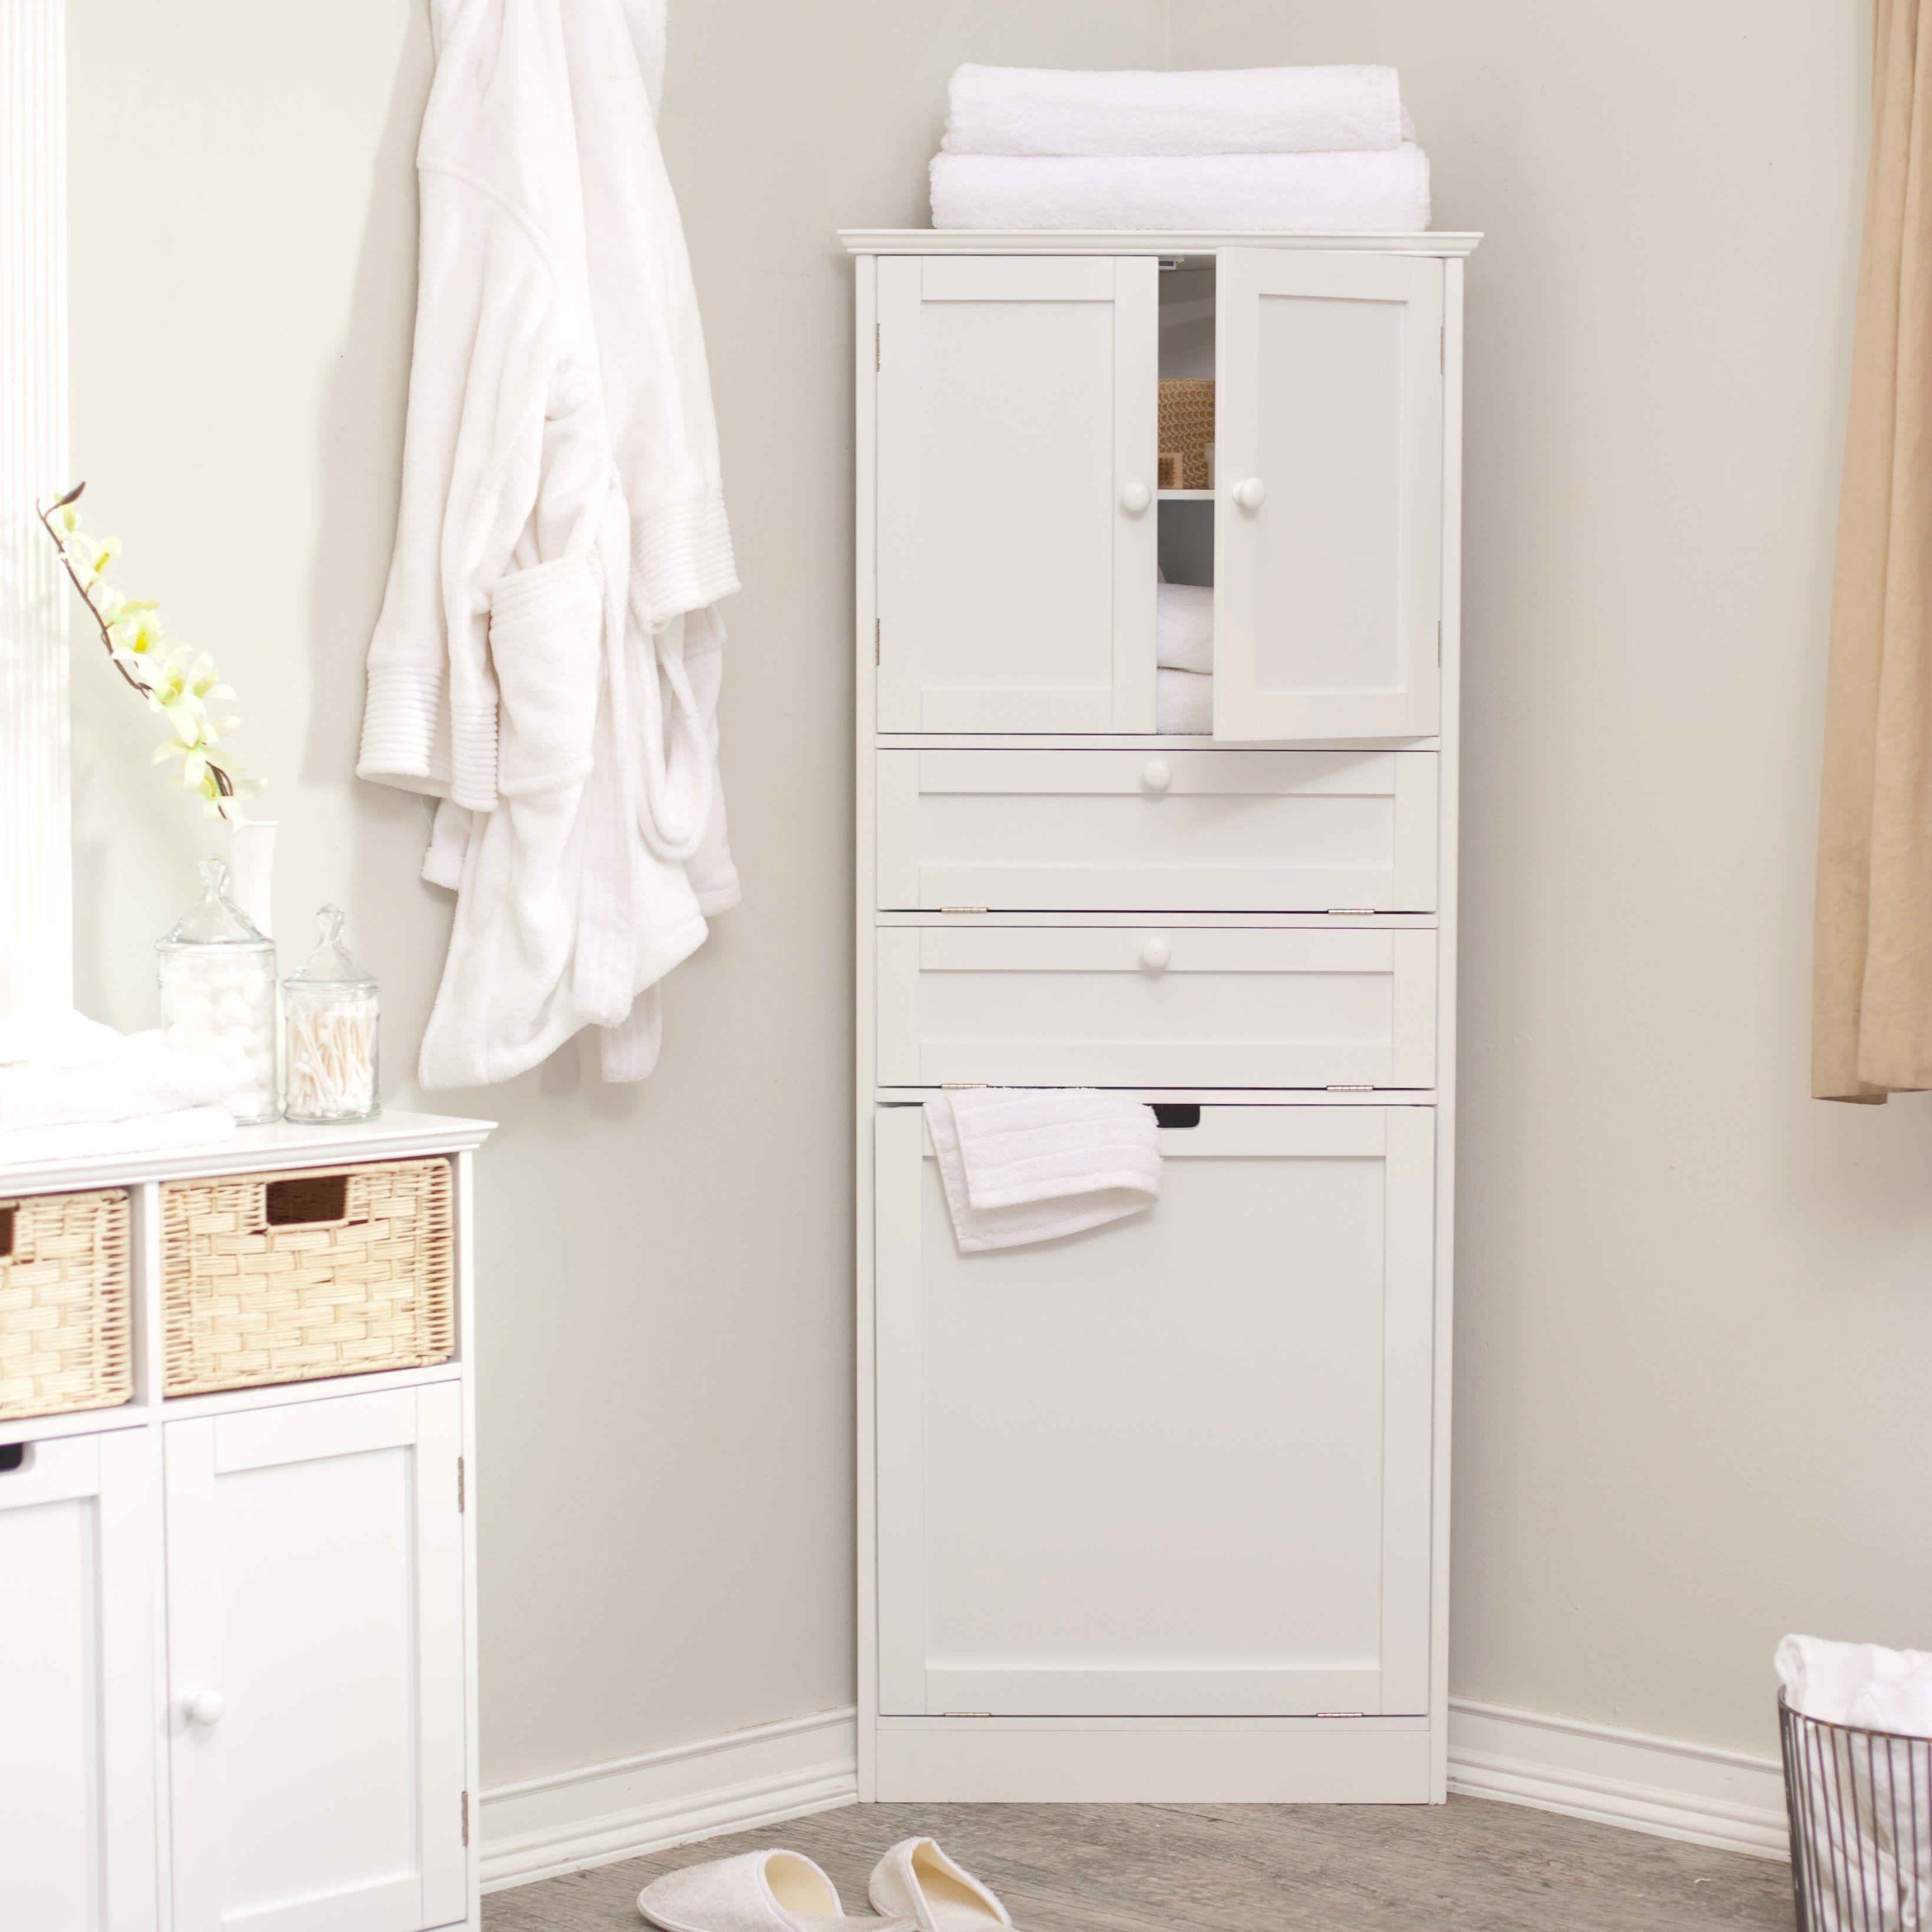 Tall Shallow Bathroom Cabinet | Bathroom Ideas | Pinterest